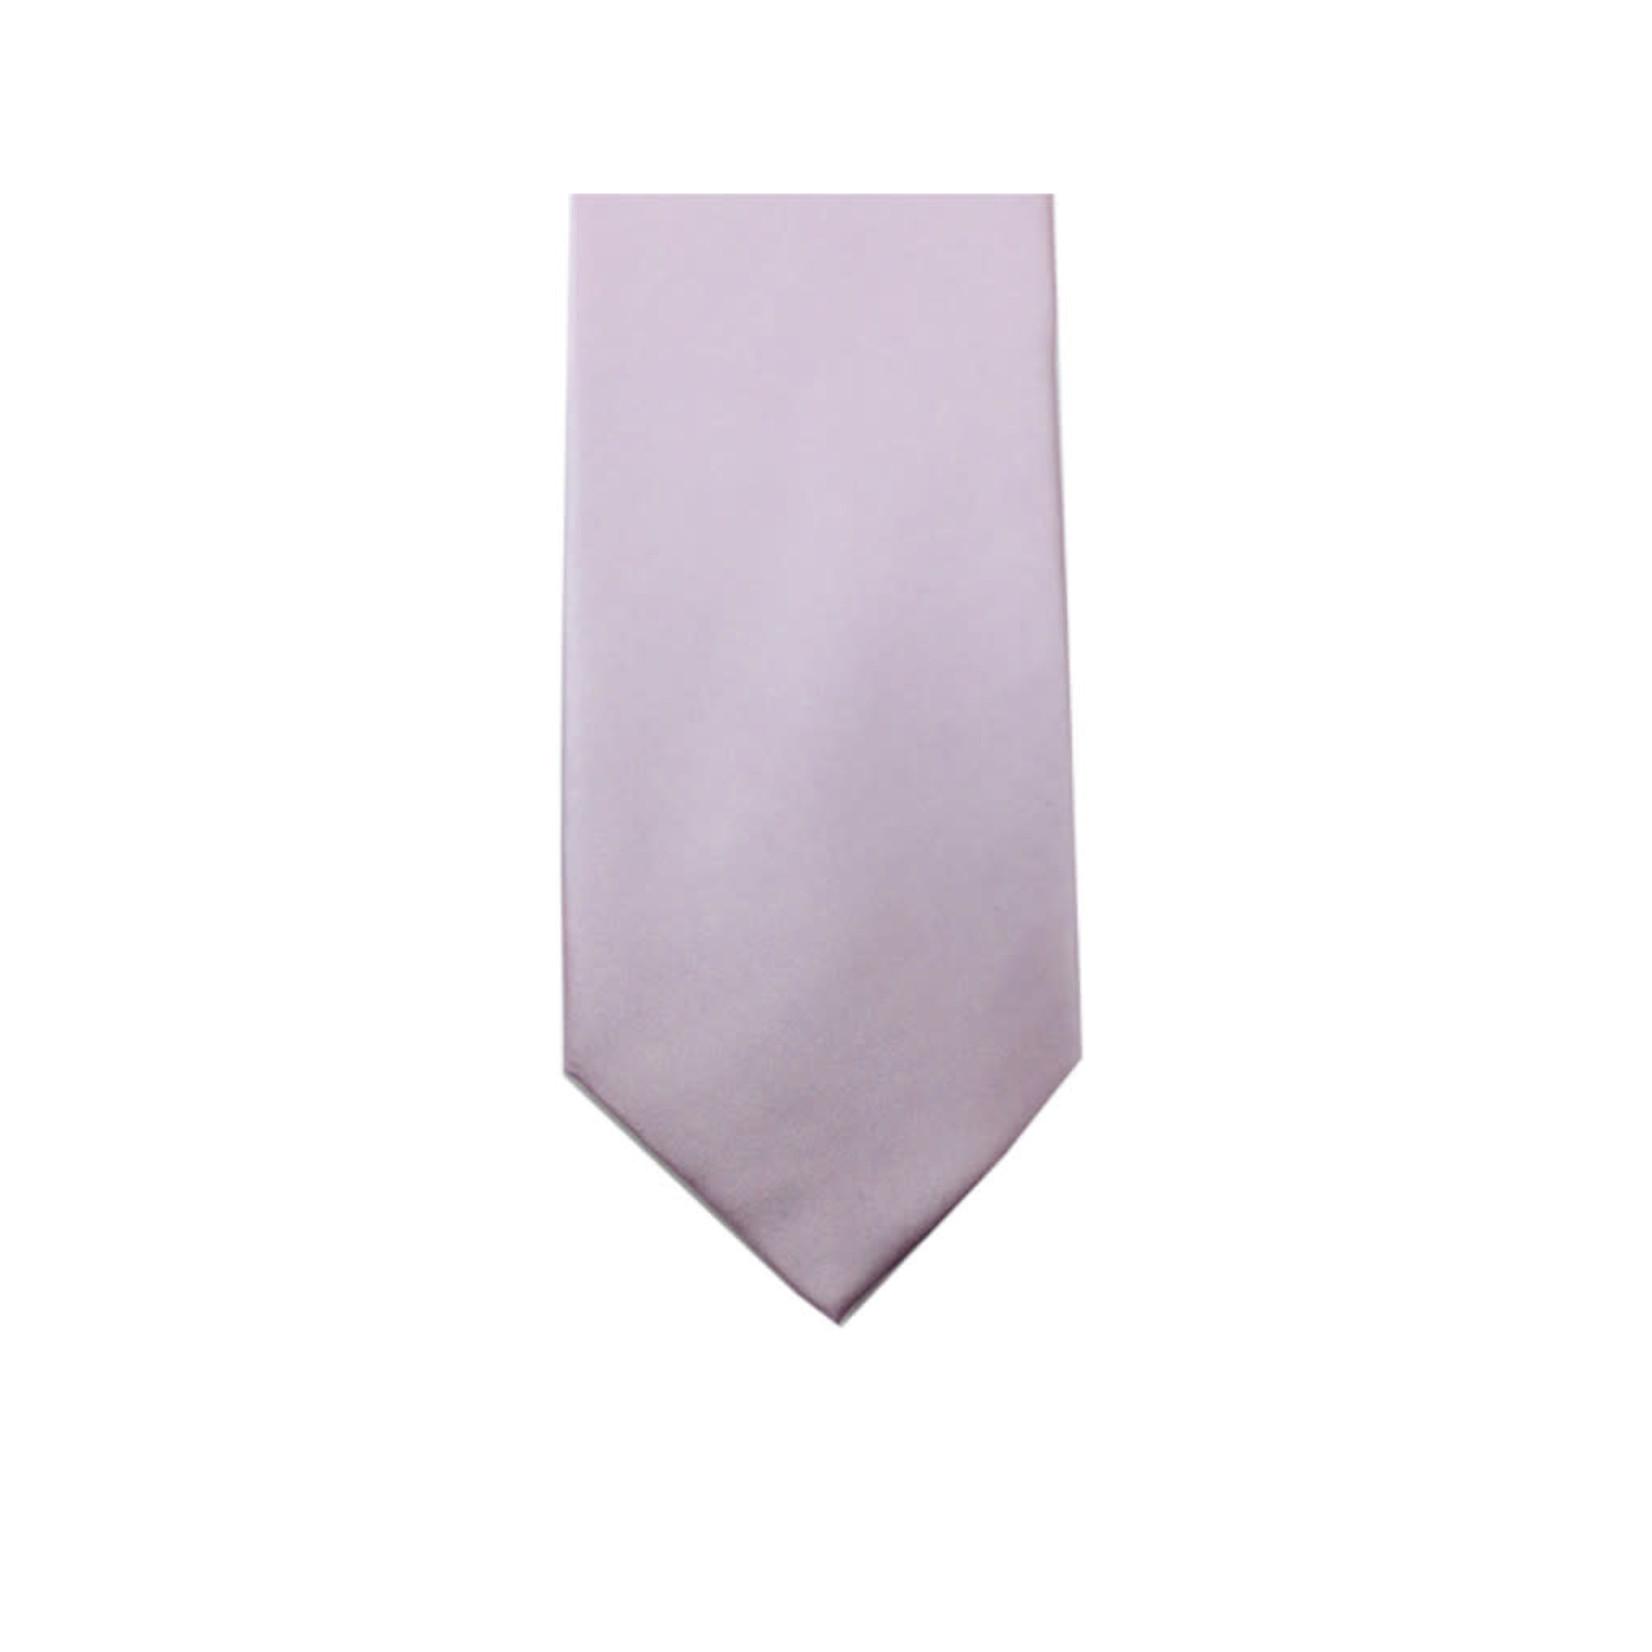 Knotz M100-55 Solid Blush Pink Tie